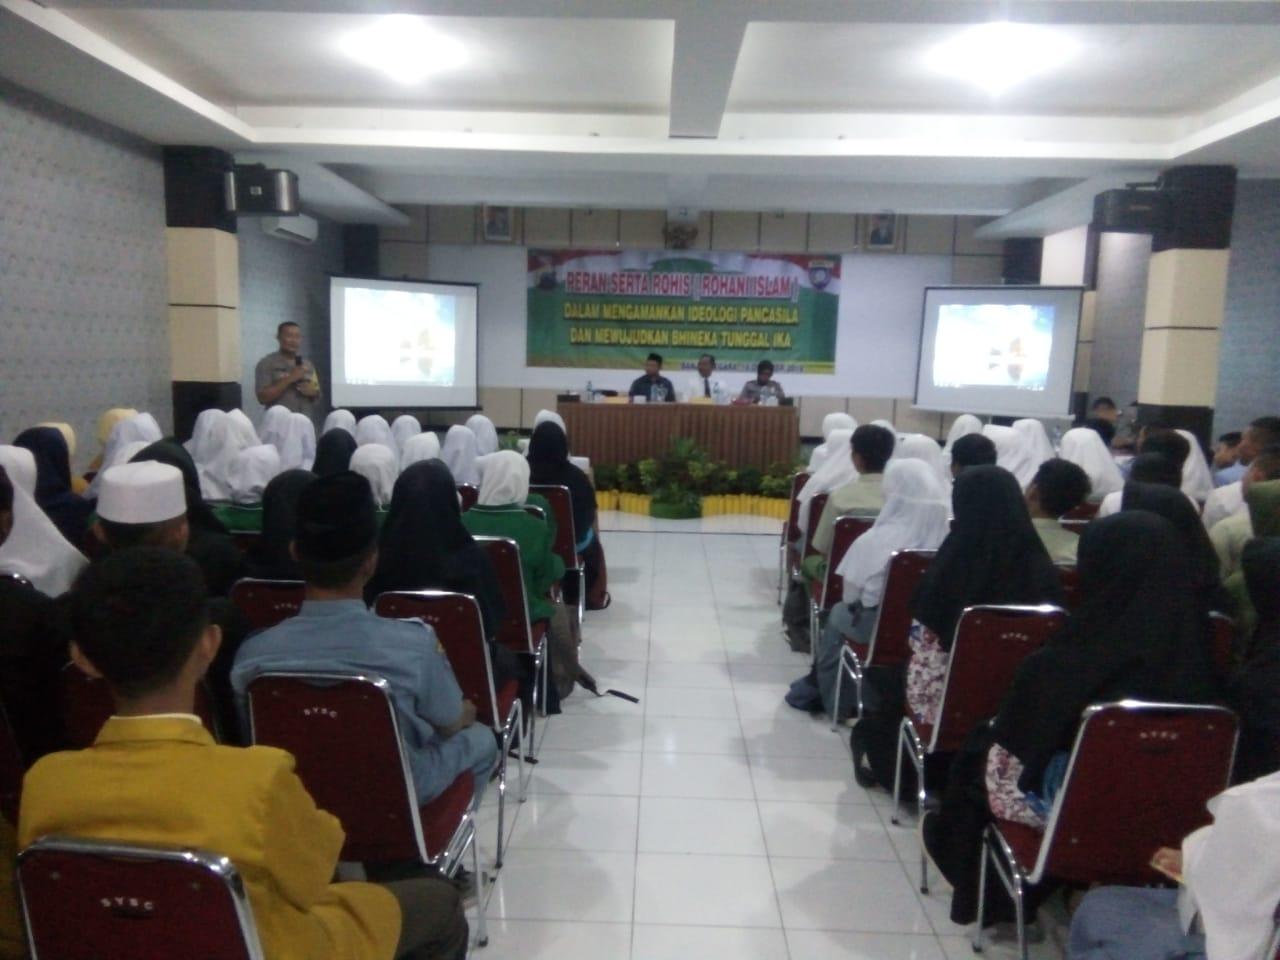 Polres Banjarnegara Ajak Rohis Pelajar Jaga Indonesia Damai